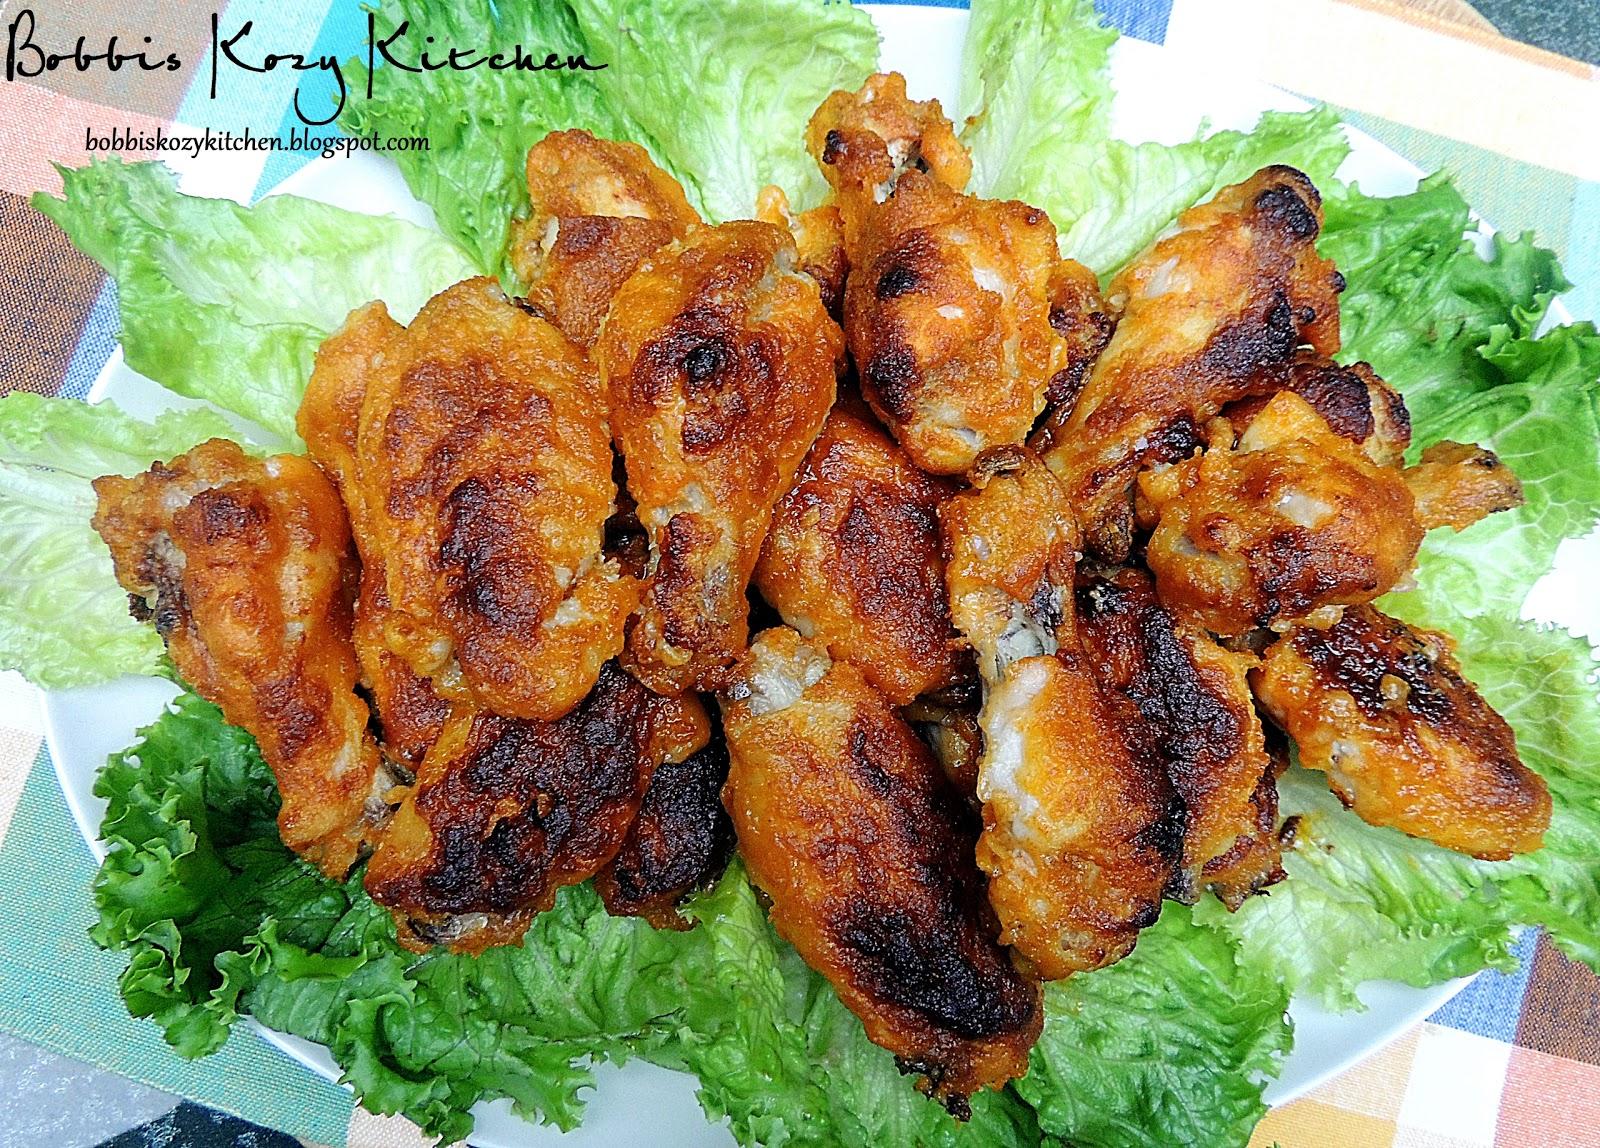 Sriracha Hot Wings | Bobbi's Kozy Kitchen